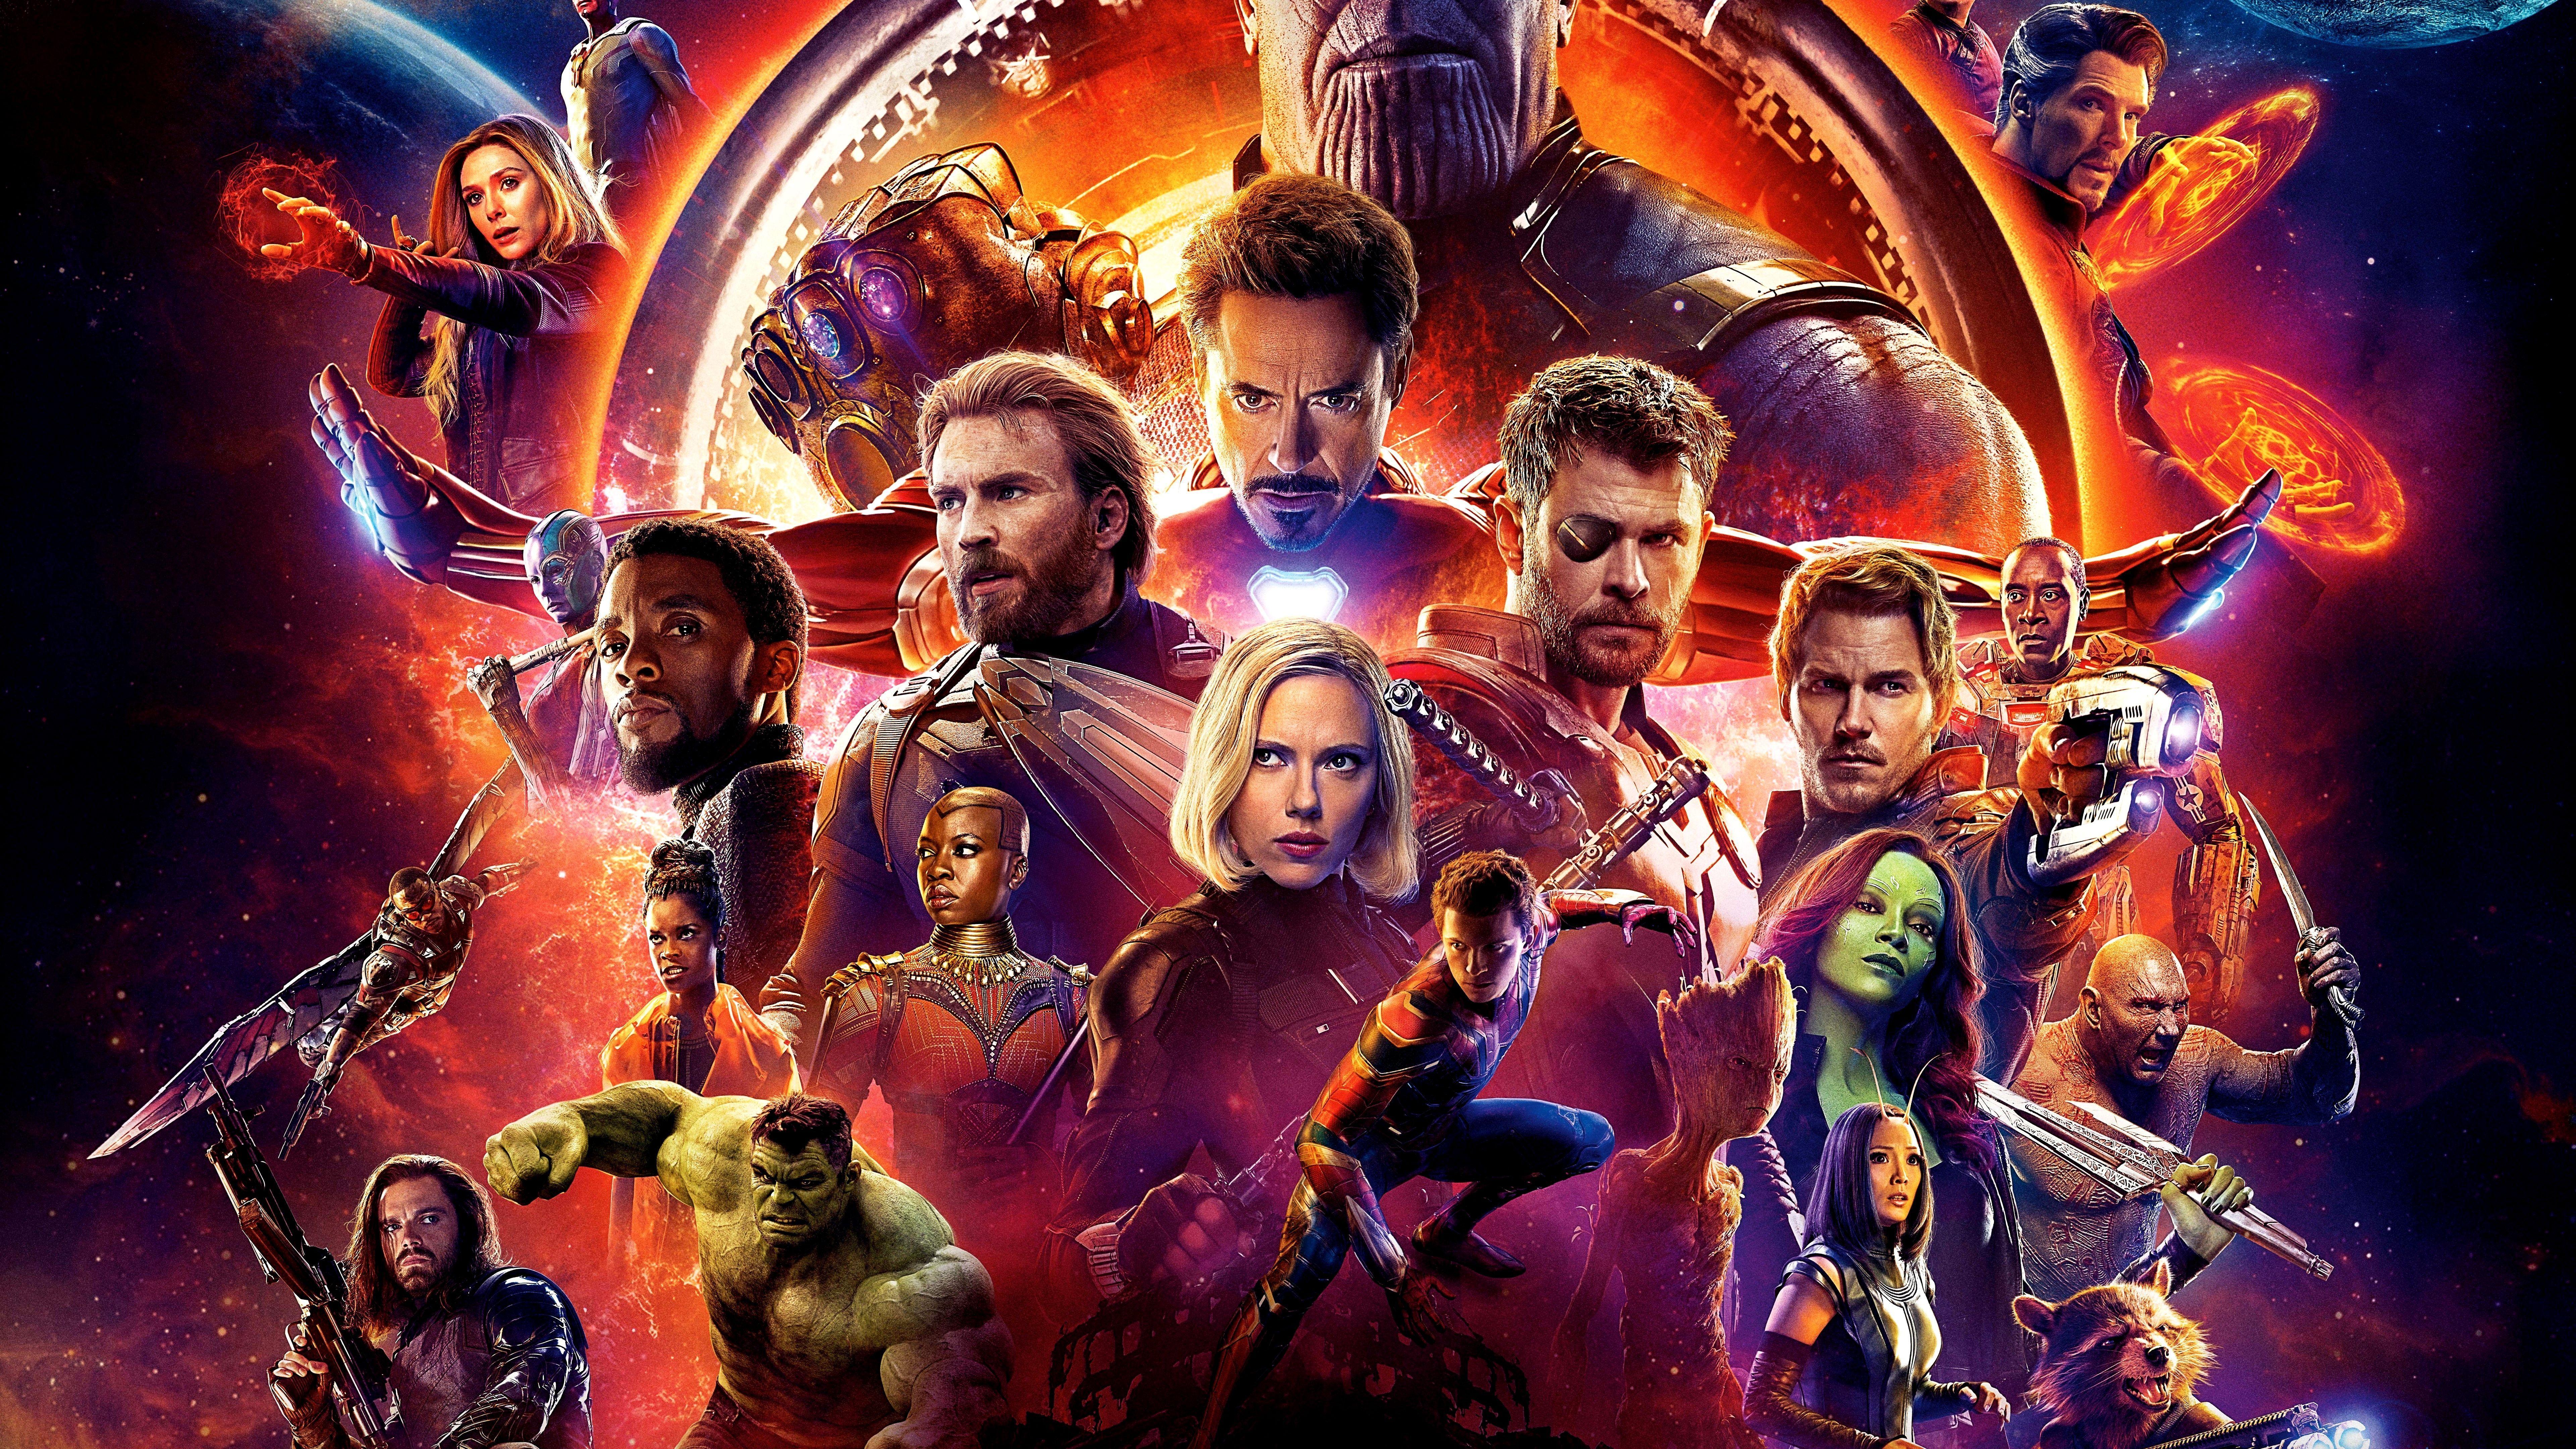 Wallpaper 4k Pc Infinity War Galler Samsung Wallpaper 4k Avengers Poster Avengers Movies Marvel Avengers Funny